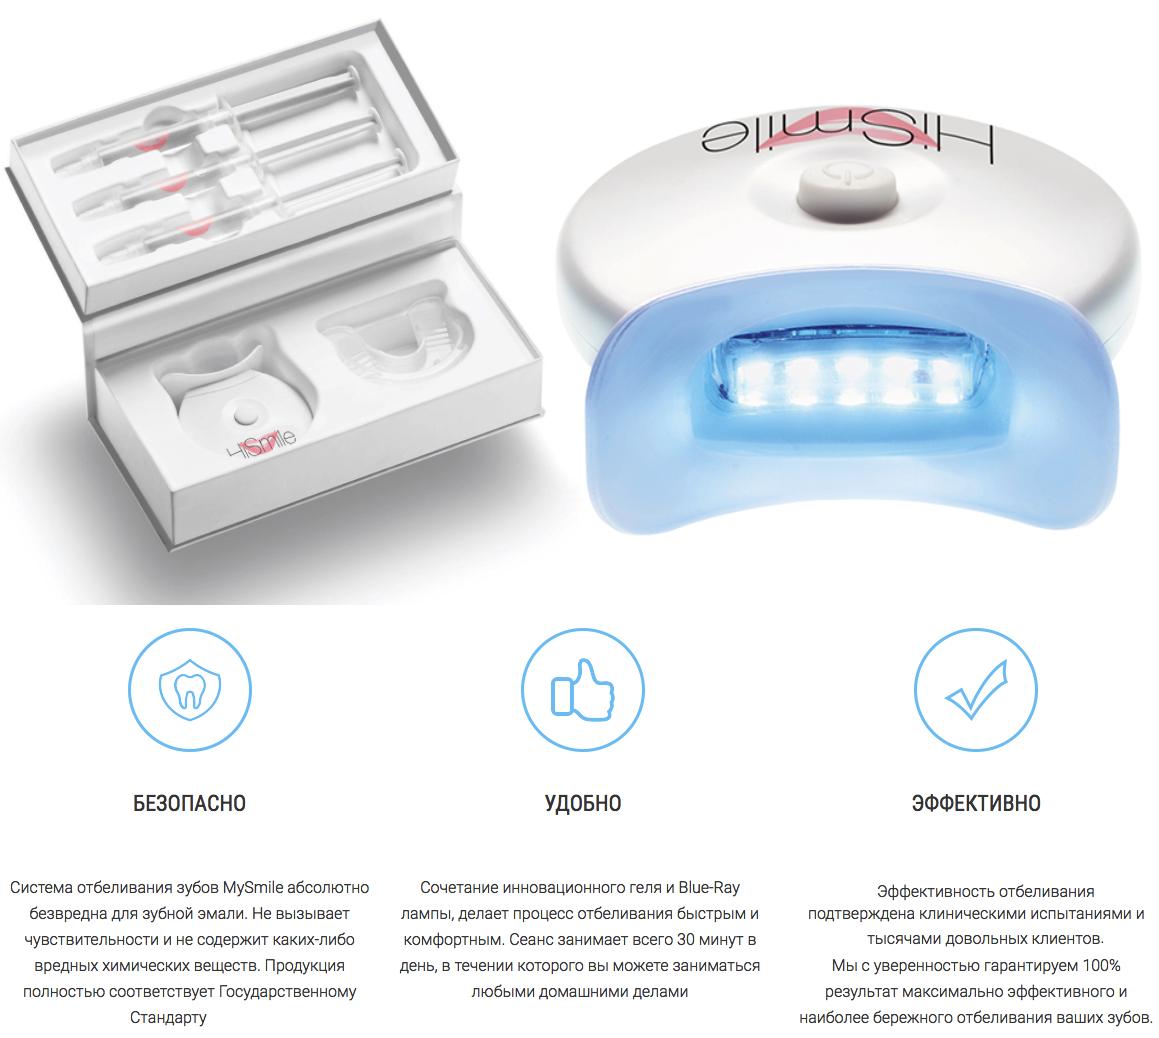 отбеливание зубов kit отзывы